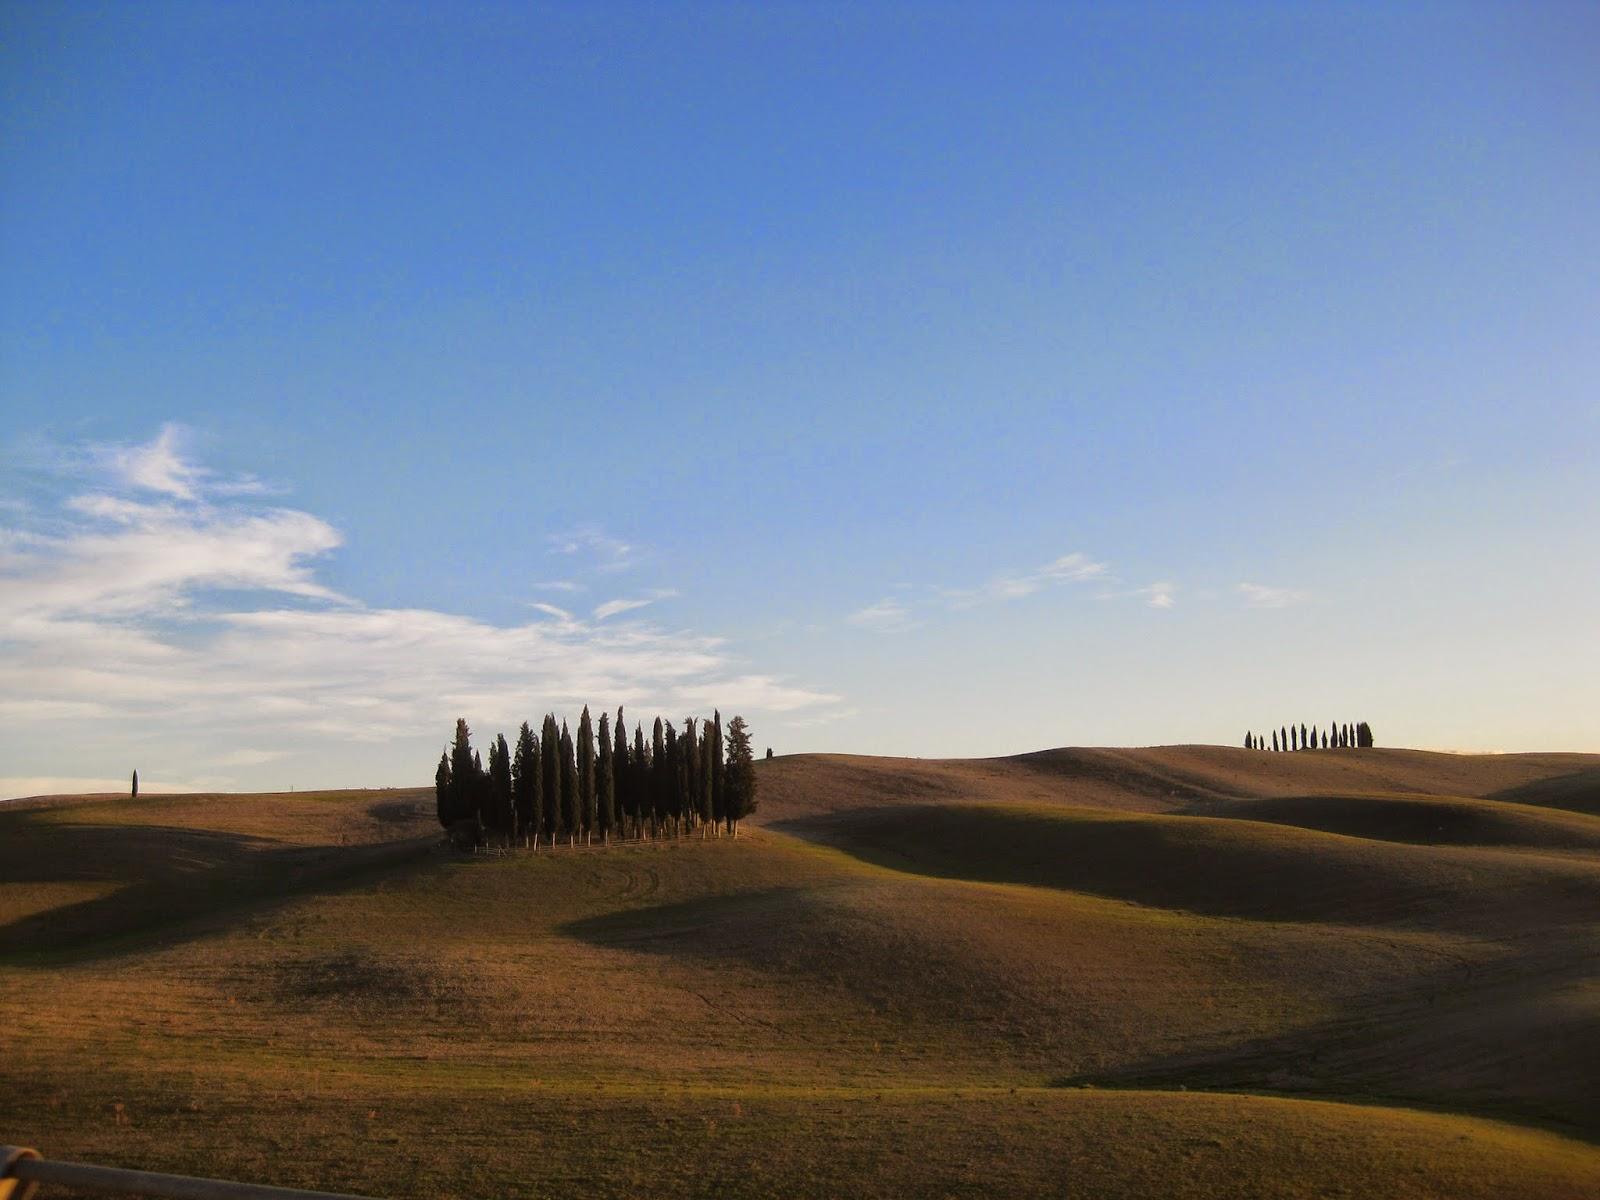 Grupo de cipreses tipicos del paisaje de la Toscana